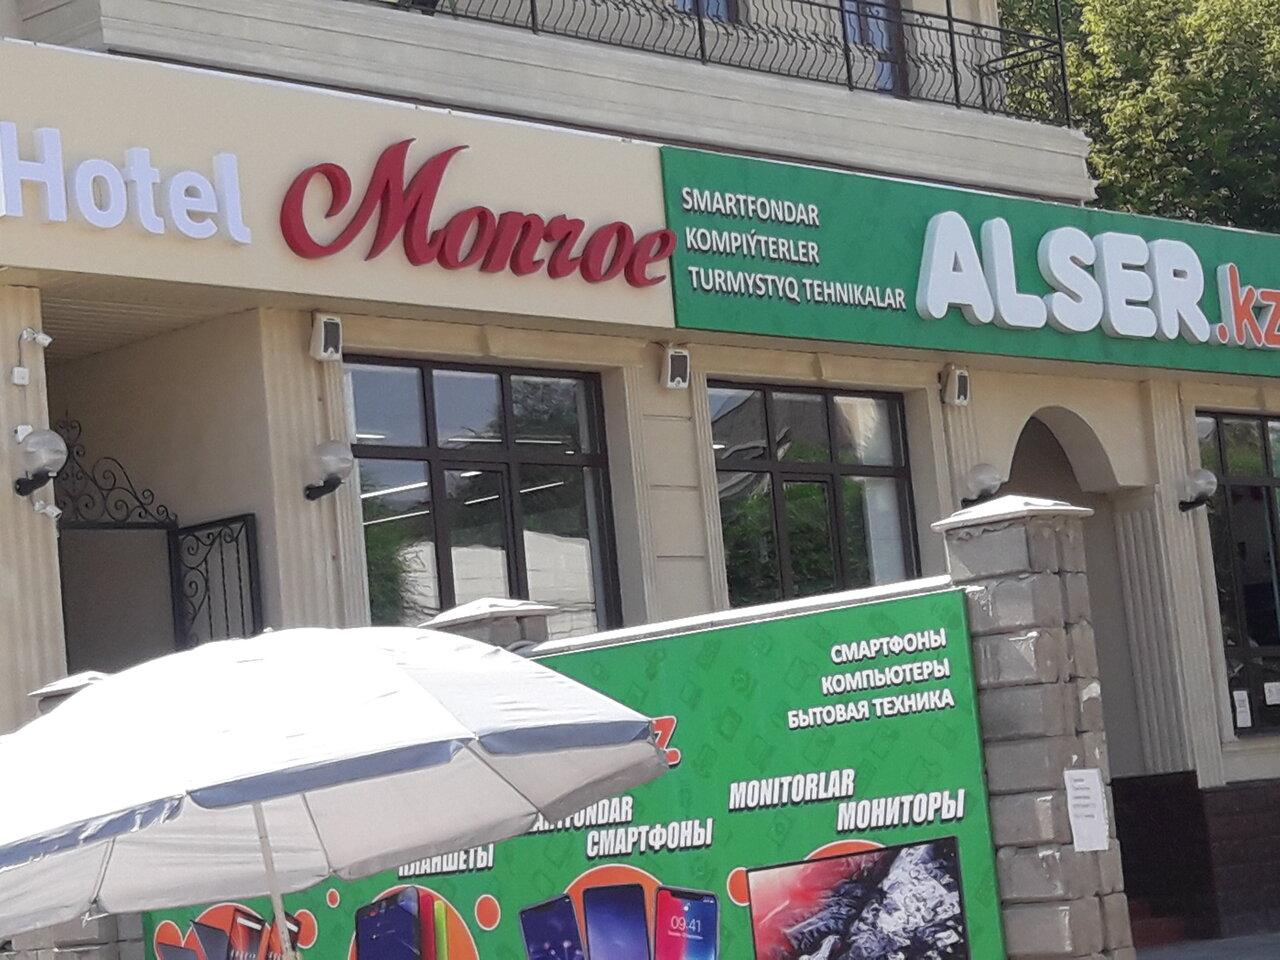 романов продаж лотерей в алматы айнабулак фото продолжении тем арабского